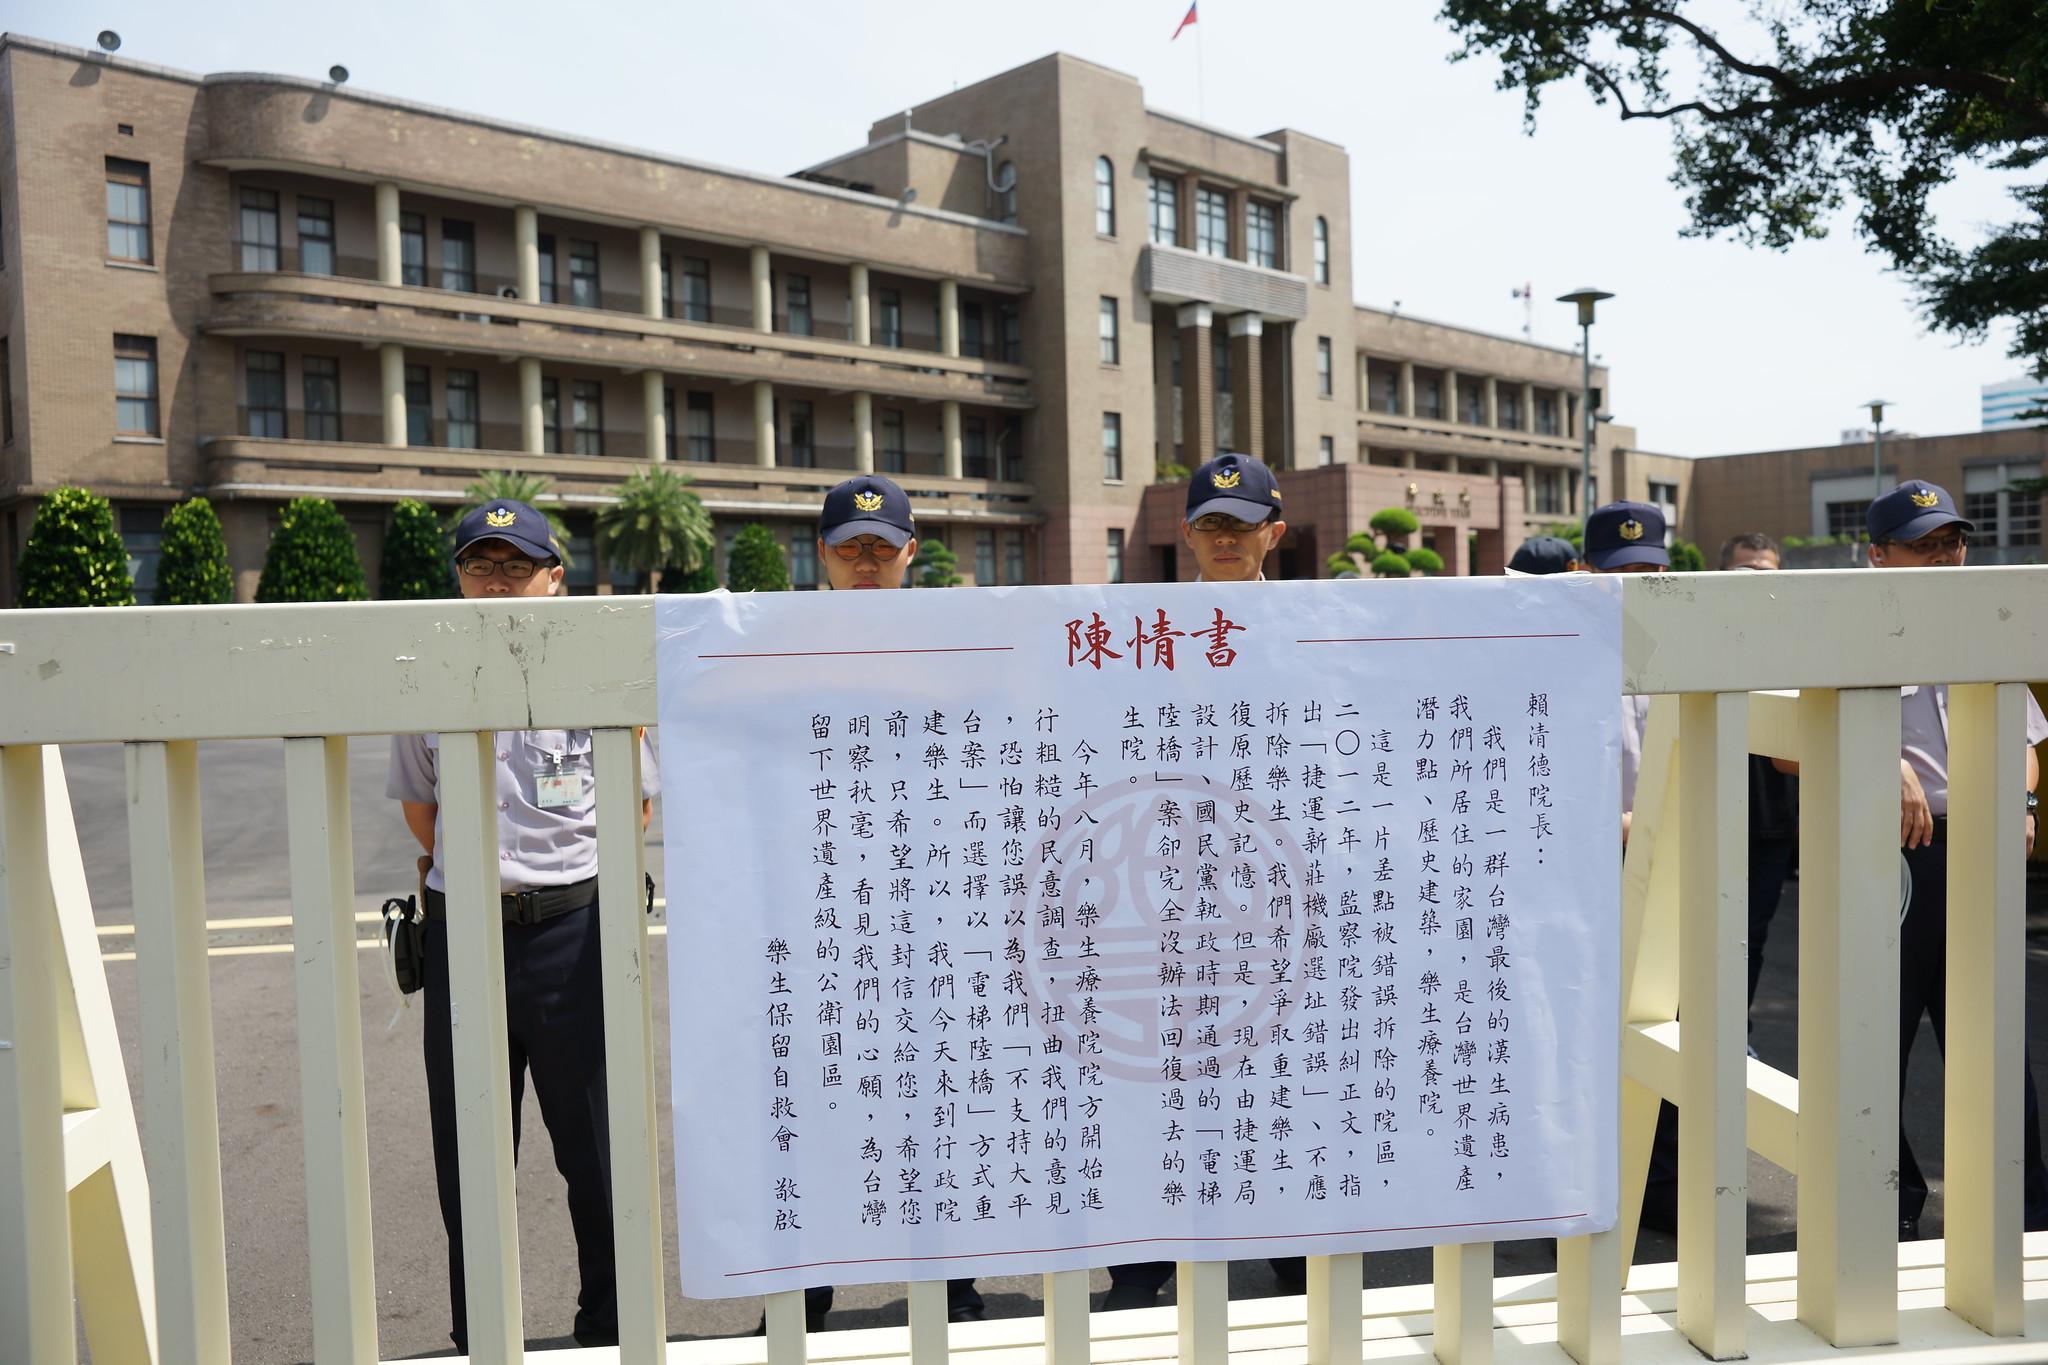 自救會將陳情書張貼在行政院大門前。(攝影:王顥中)